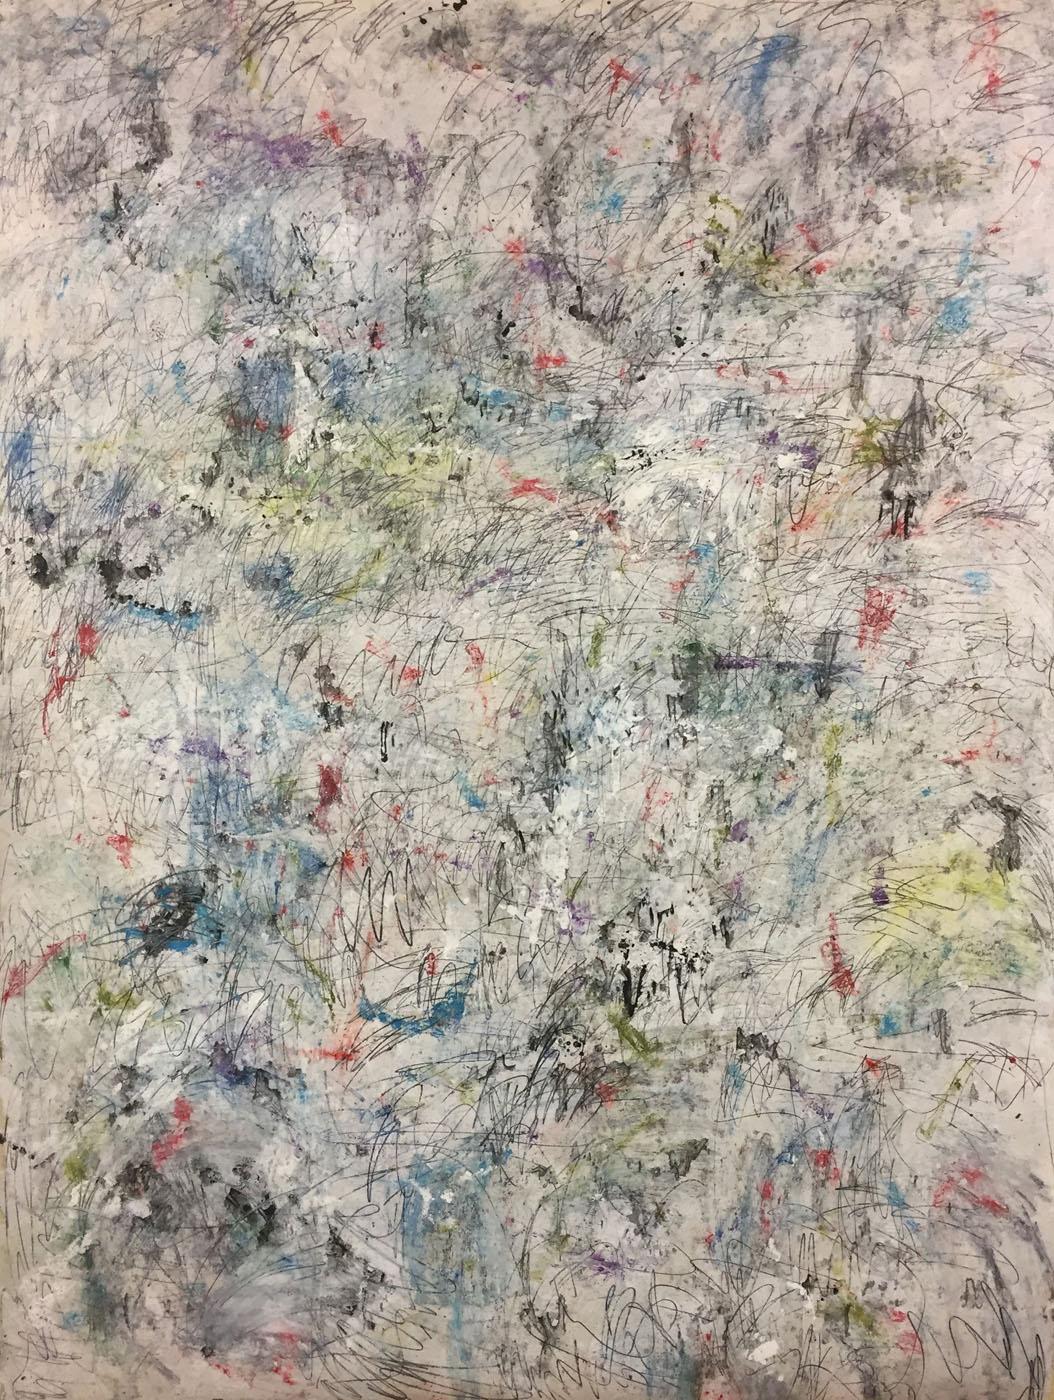 MARC FELD 2019 ÉCHO DES ÉTOILES 1 Huile, gouache et mine de plomb sur papier 150 x 200 cm